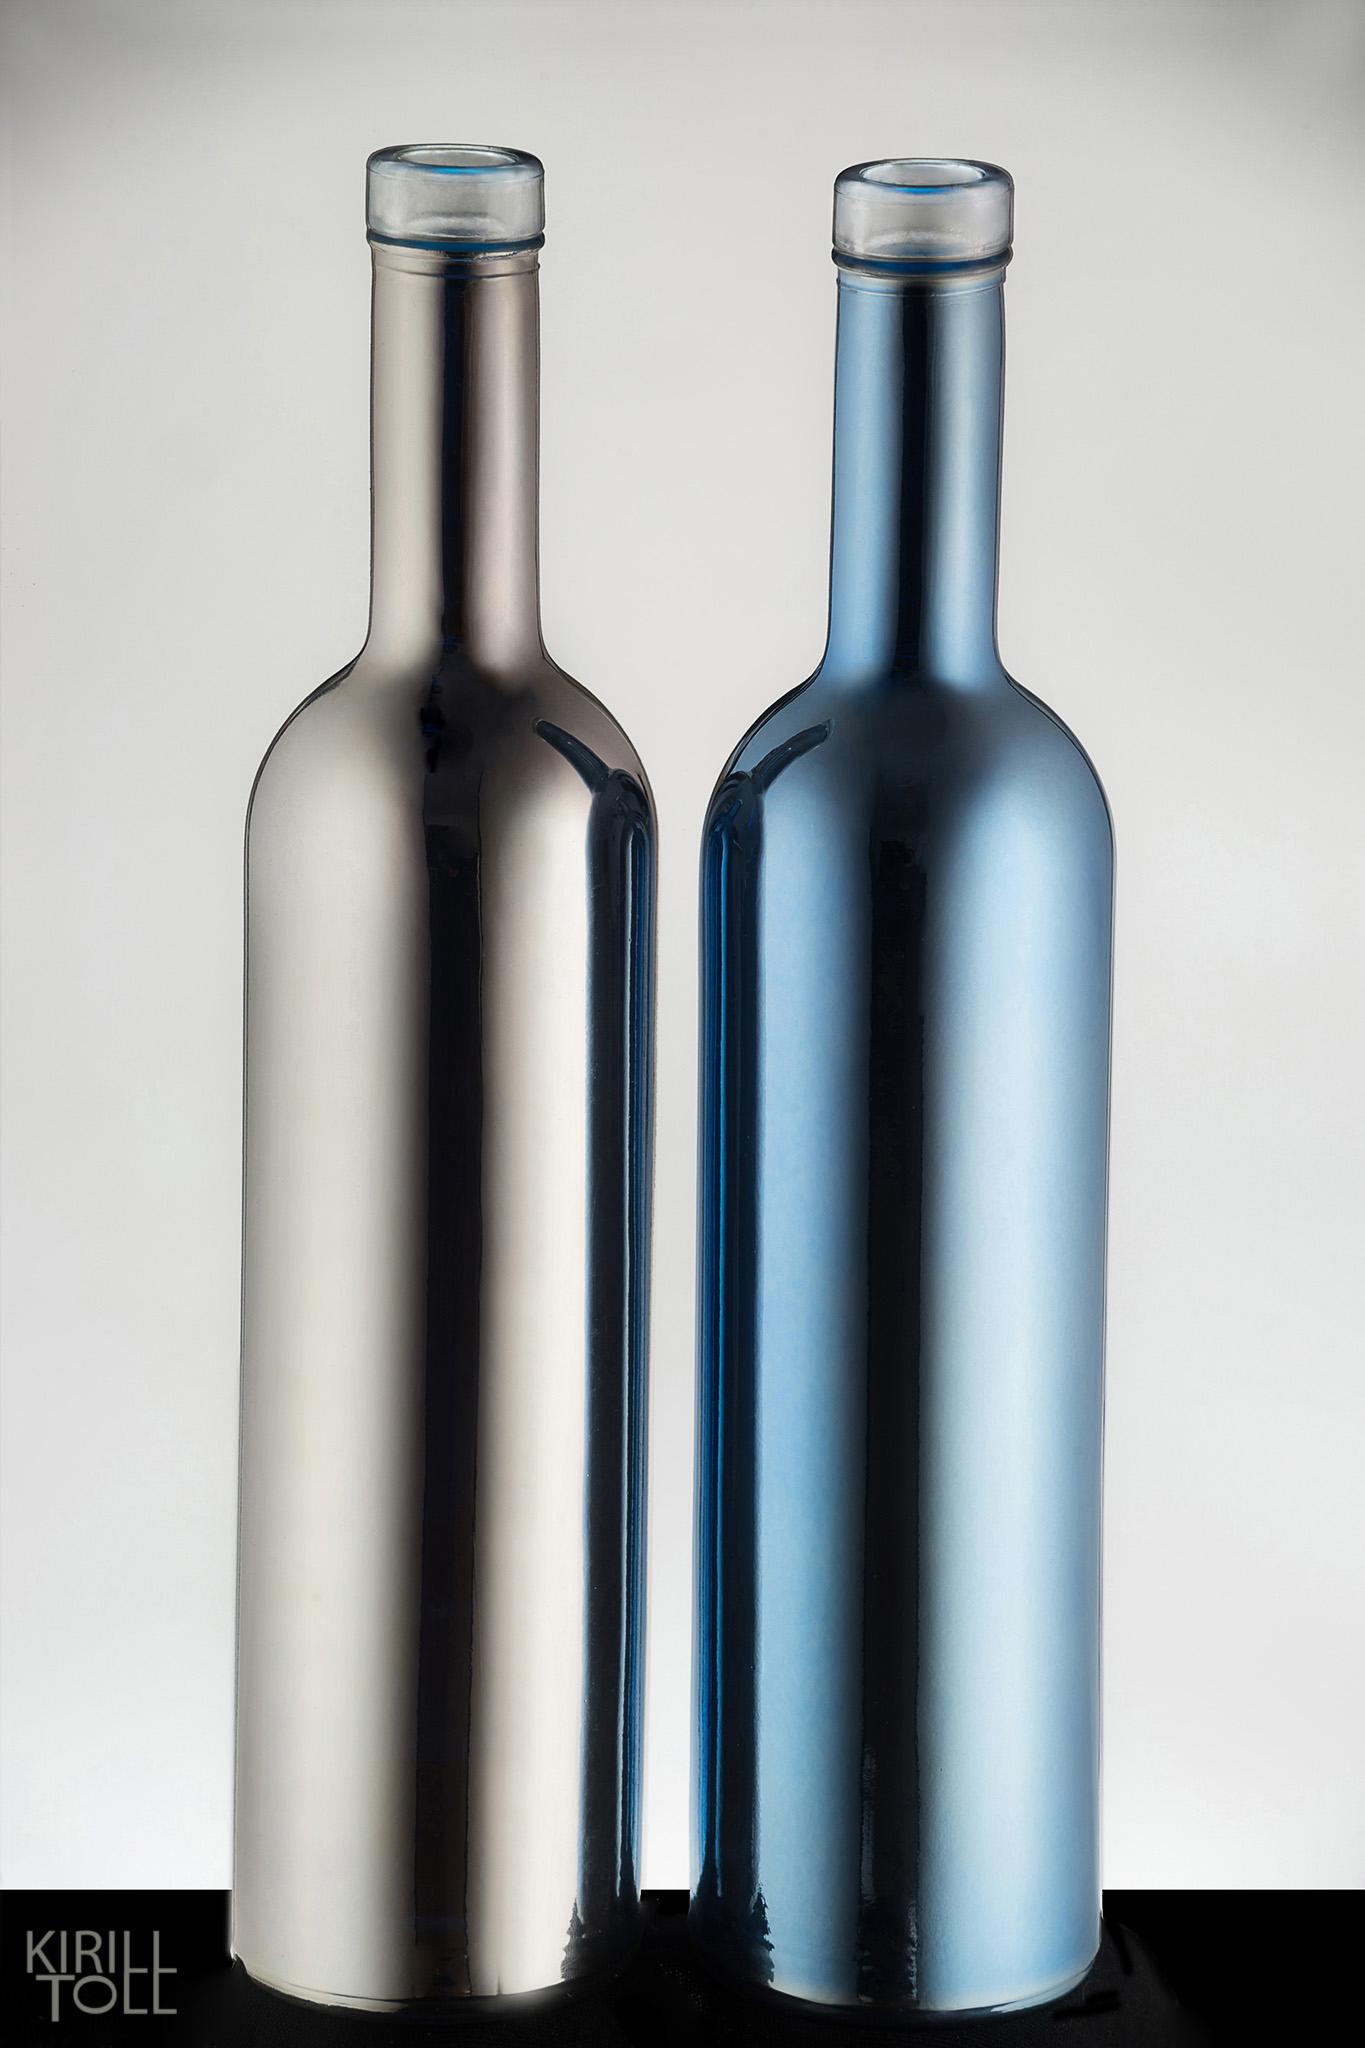 Бутылки и флаконы. Съемка предметов. ( predmetnaya semka flakonov i butilok )